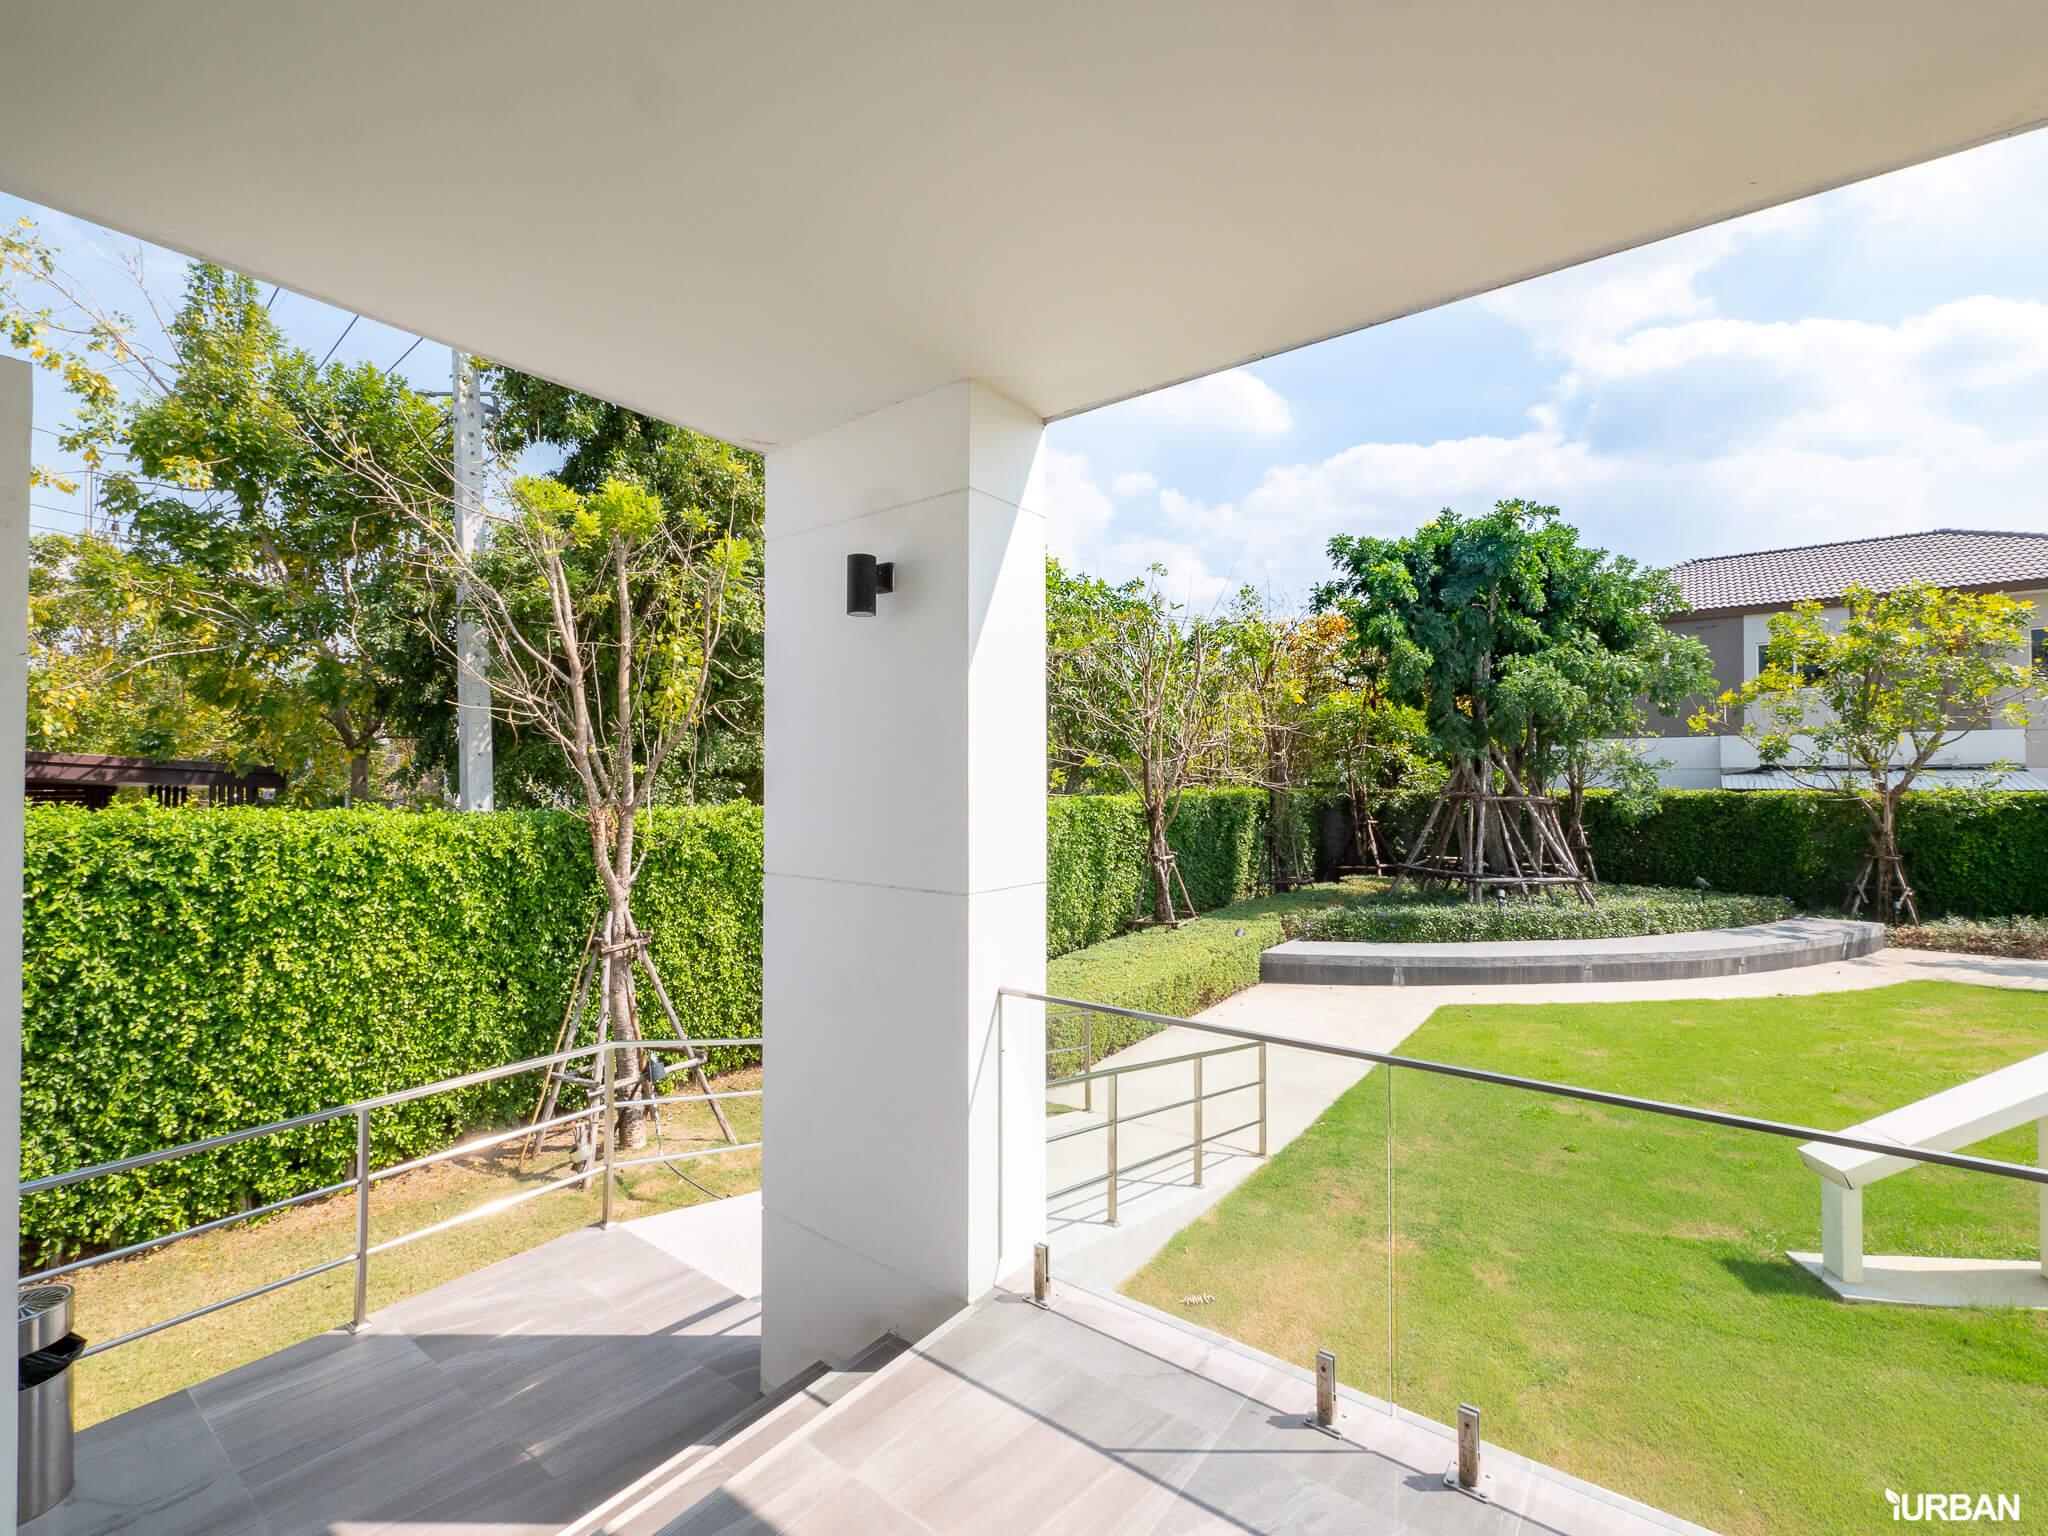 พาชมบ้านจริง PLENO พหลโยธิน-รังสิต ชีวิตทันสมัย ใกล้ฟิวเจอร์พาร์ครังสิต เริ่มแค่ 1.99 ลบ. 24 - AP (Thailand) - เอพี (ไทยแลนด์)